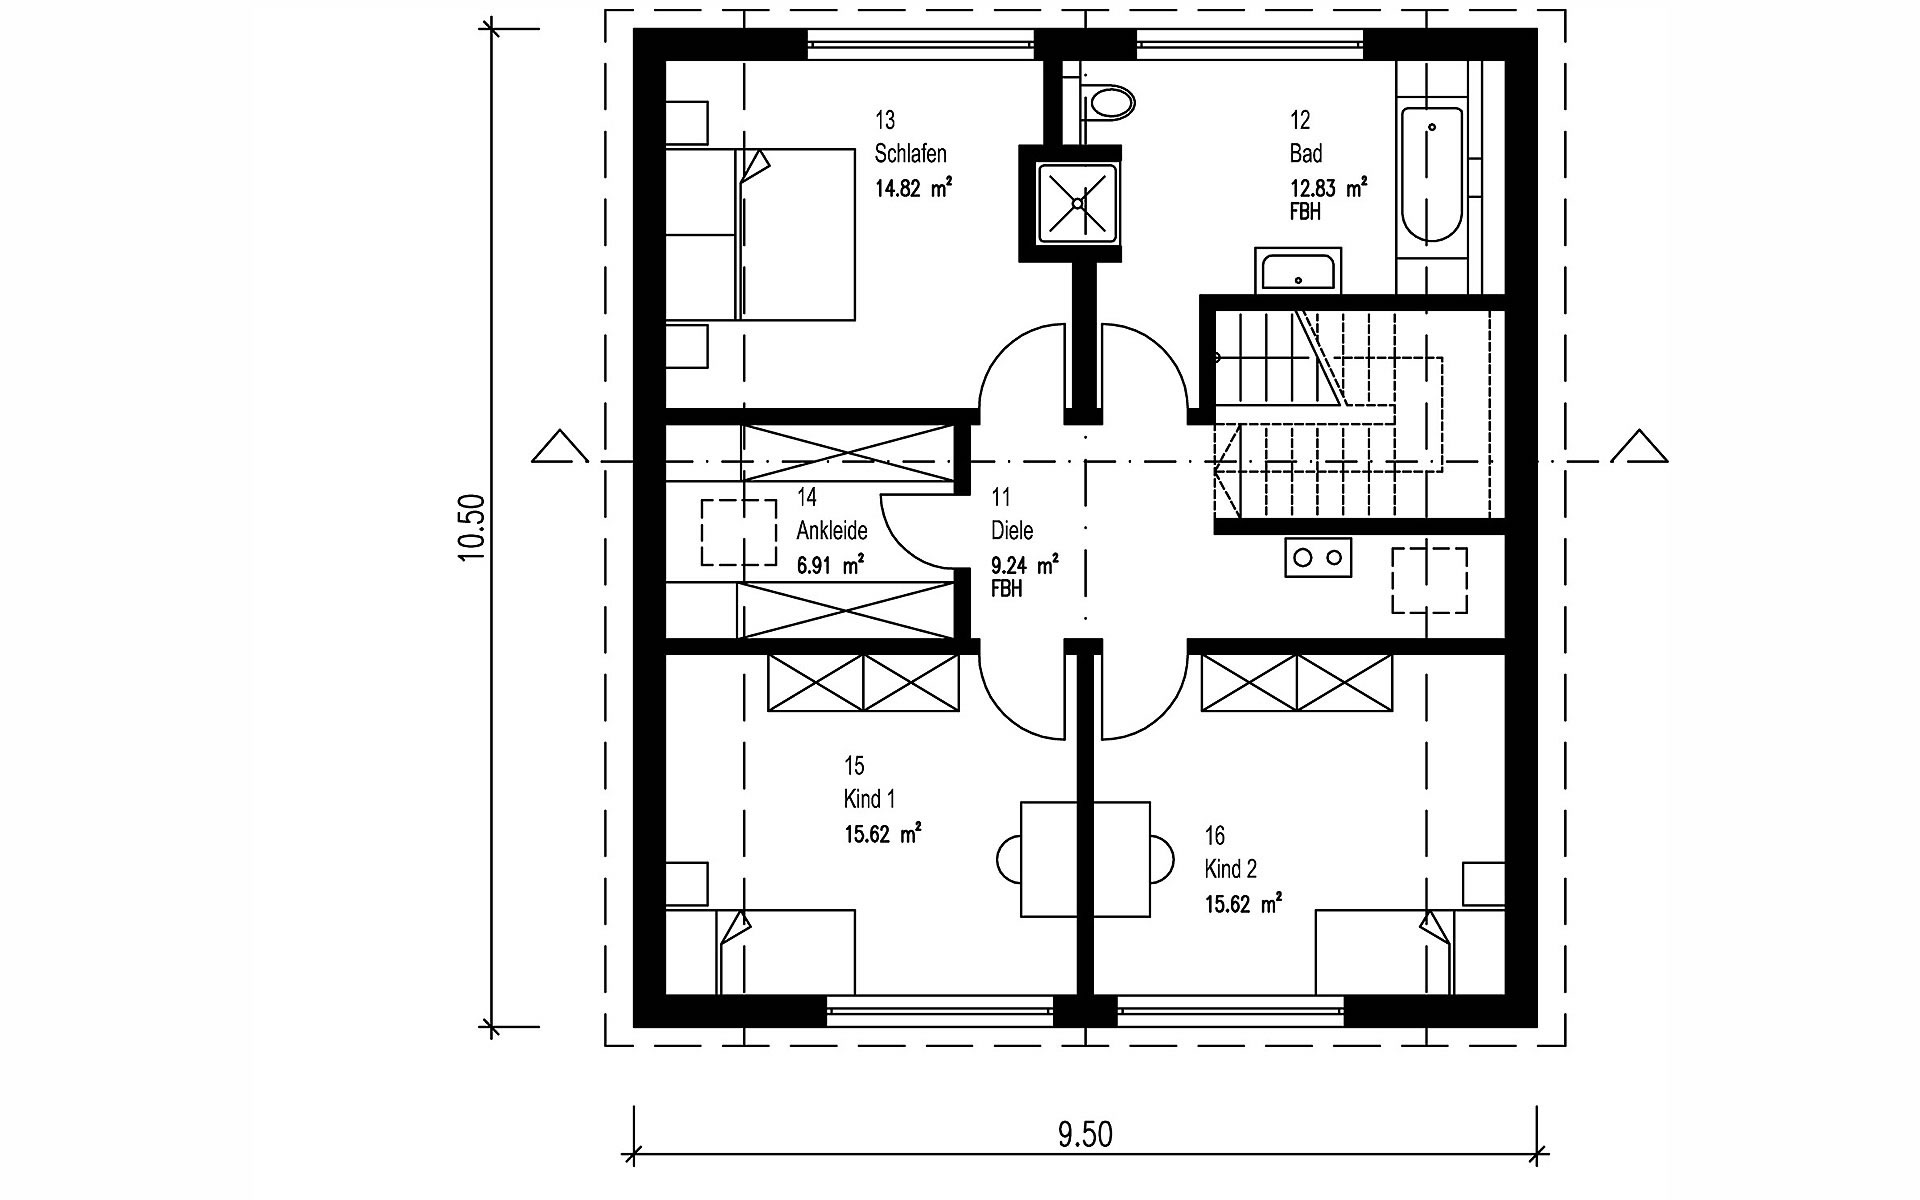 Obergeschoss Hegger von Sonnleitner Holzbauwerke GmbH & Co. KG